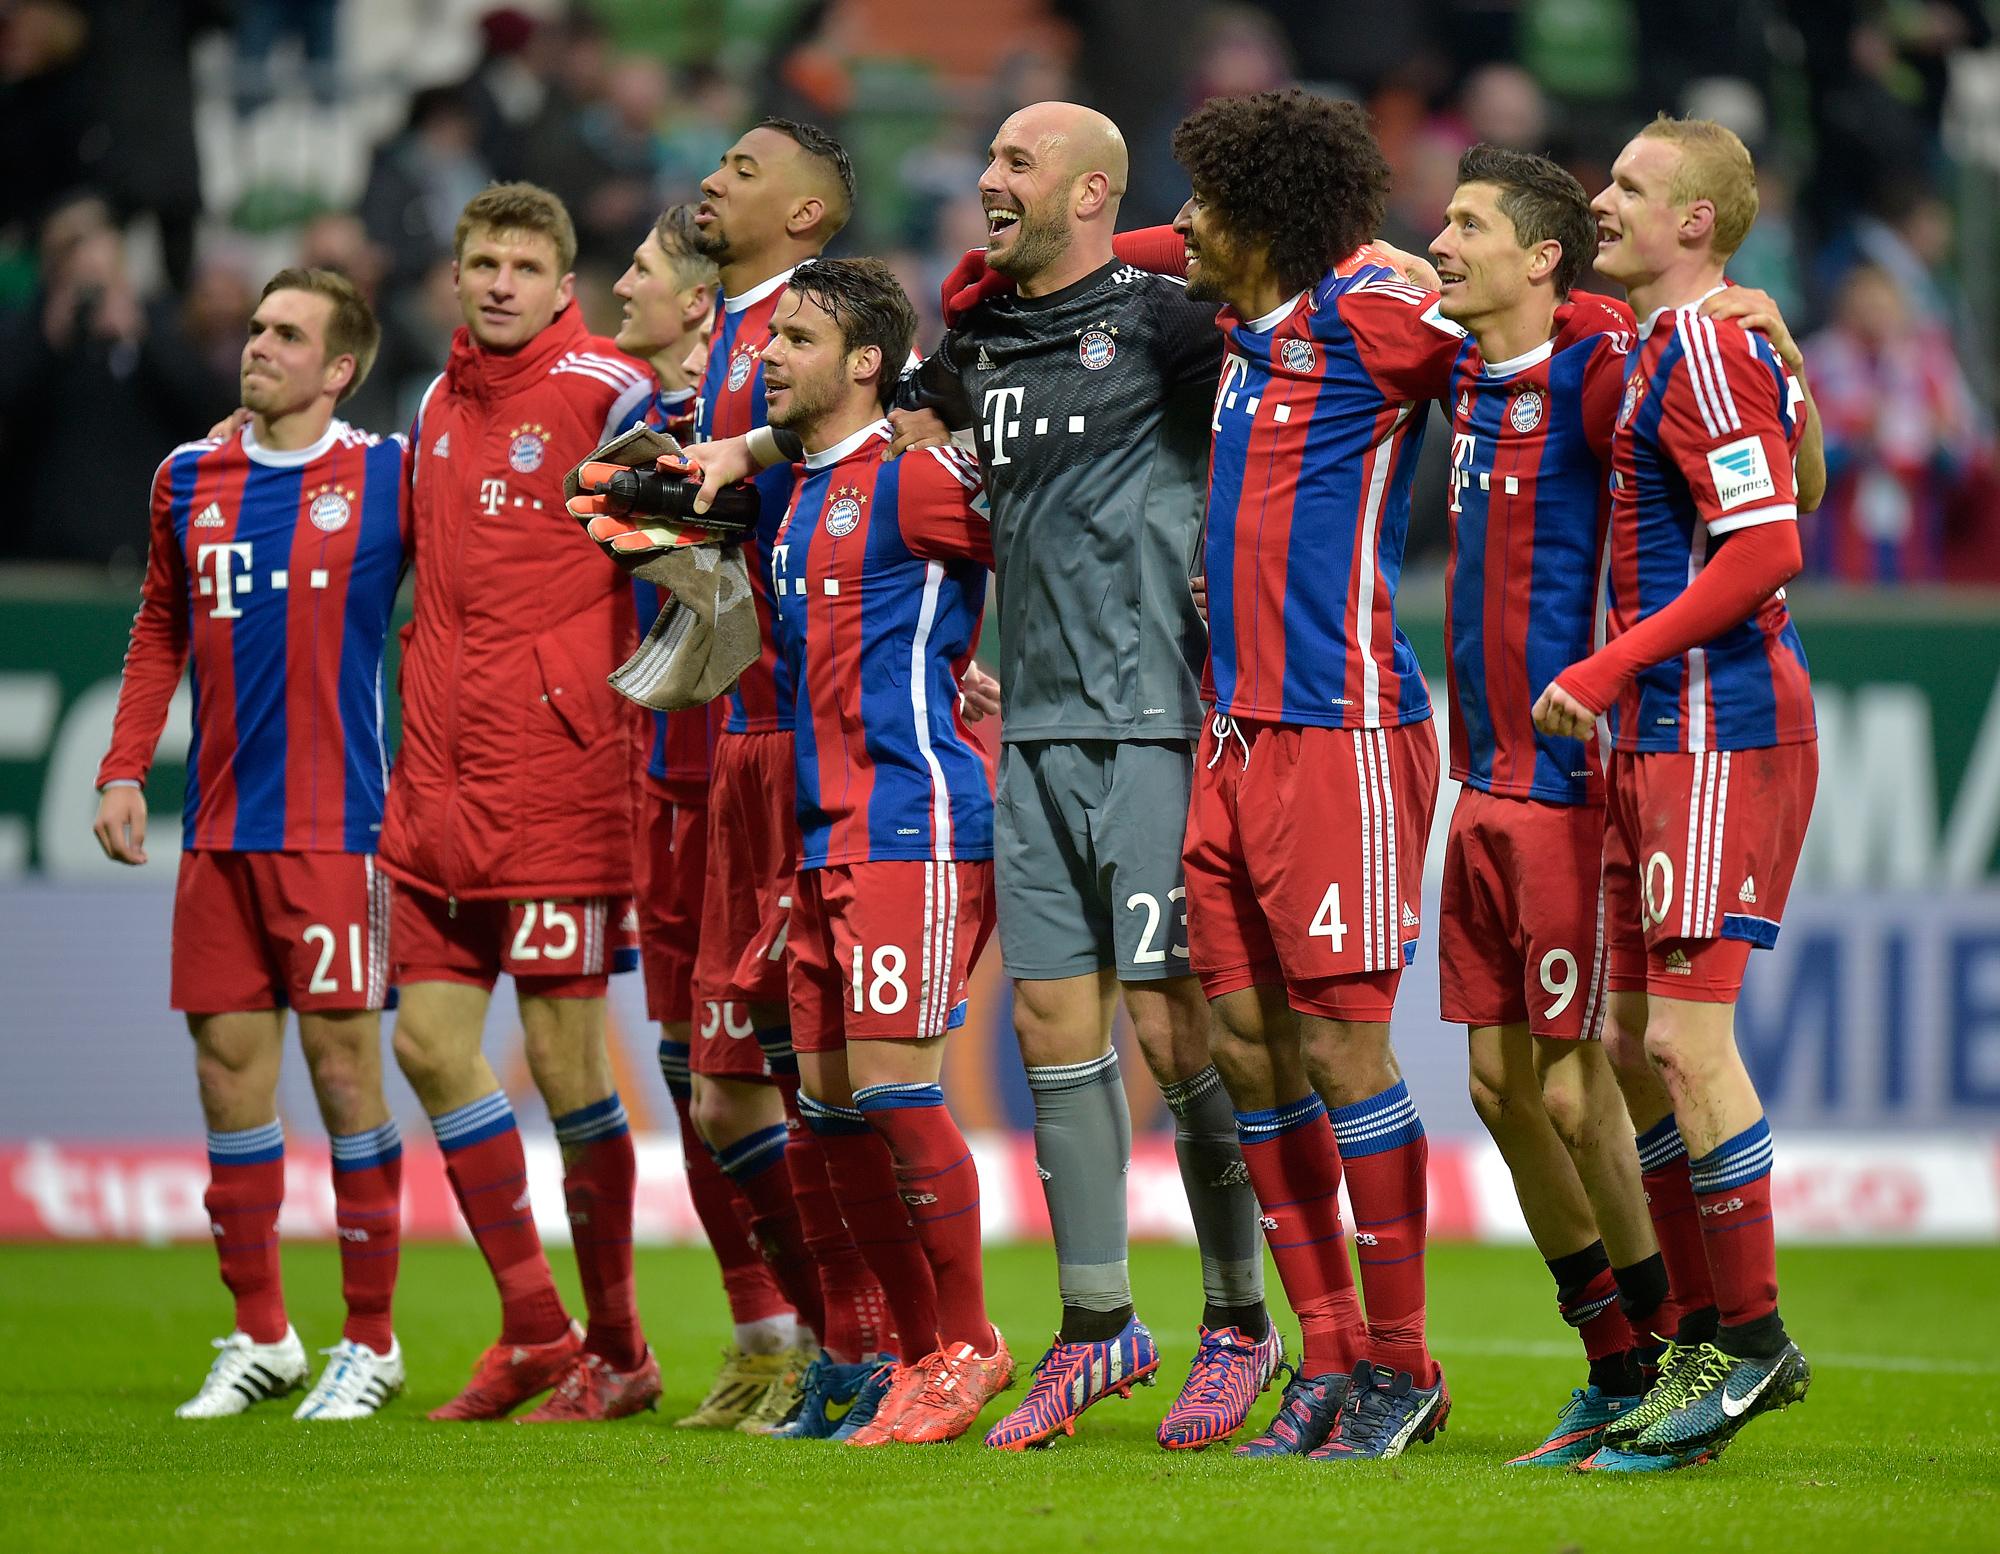 Casas de apostas apontam Bayern como favorito ao título da Champions d651ae2497fb2